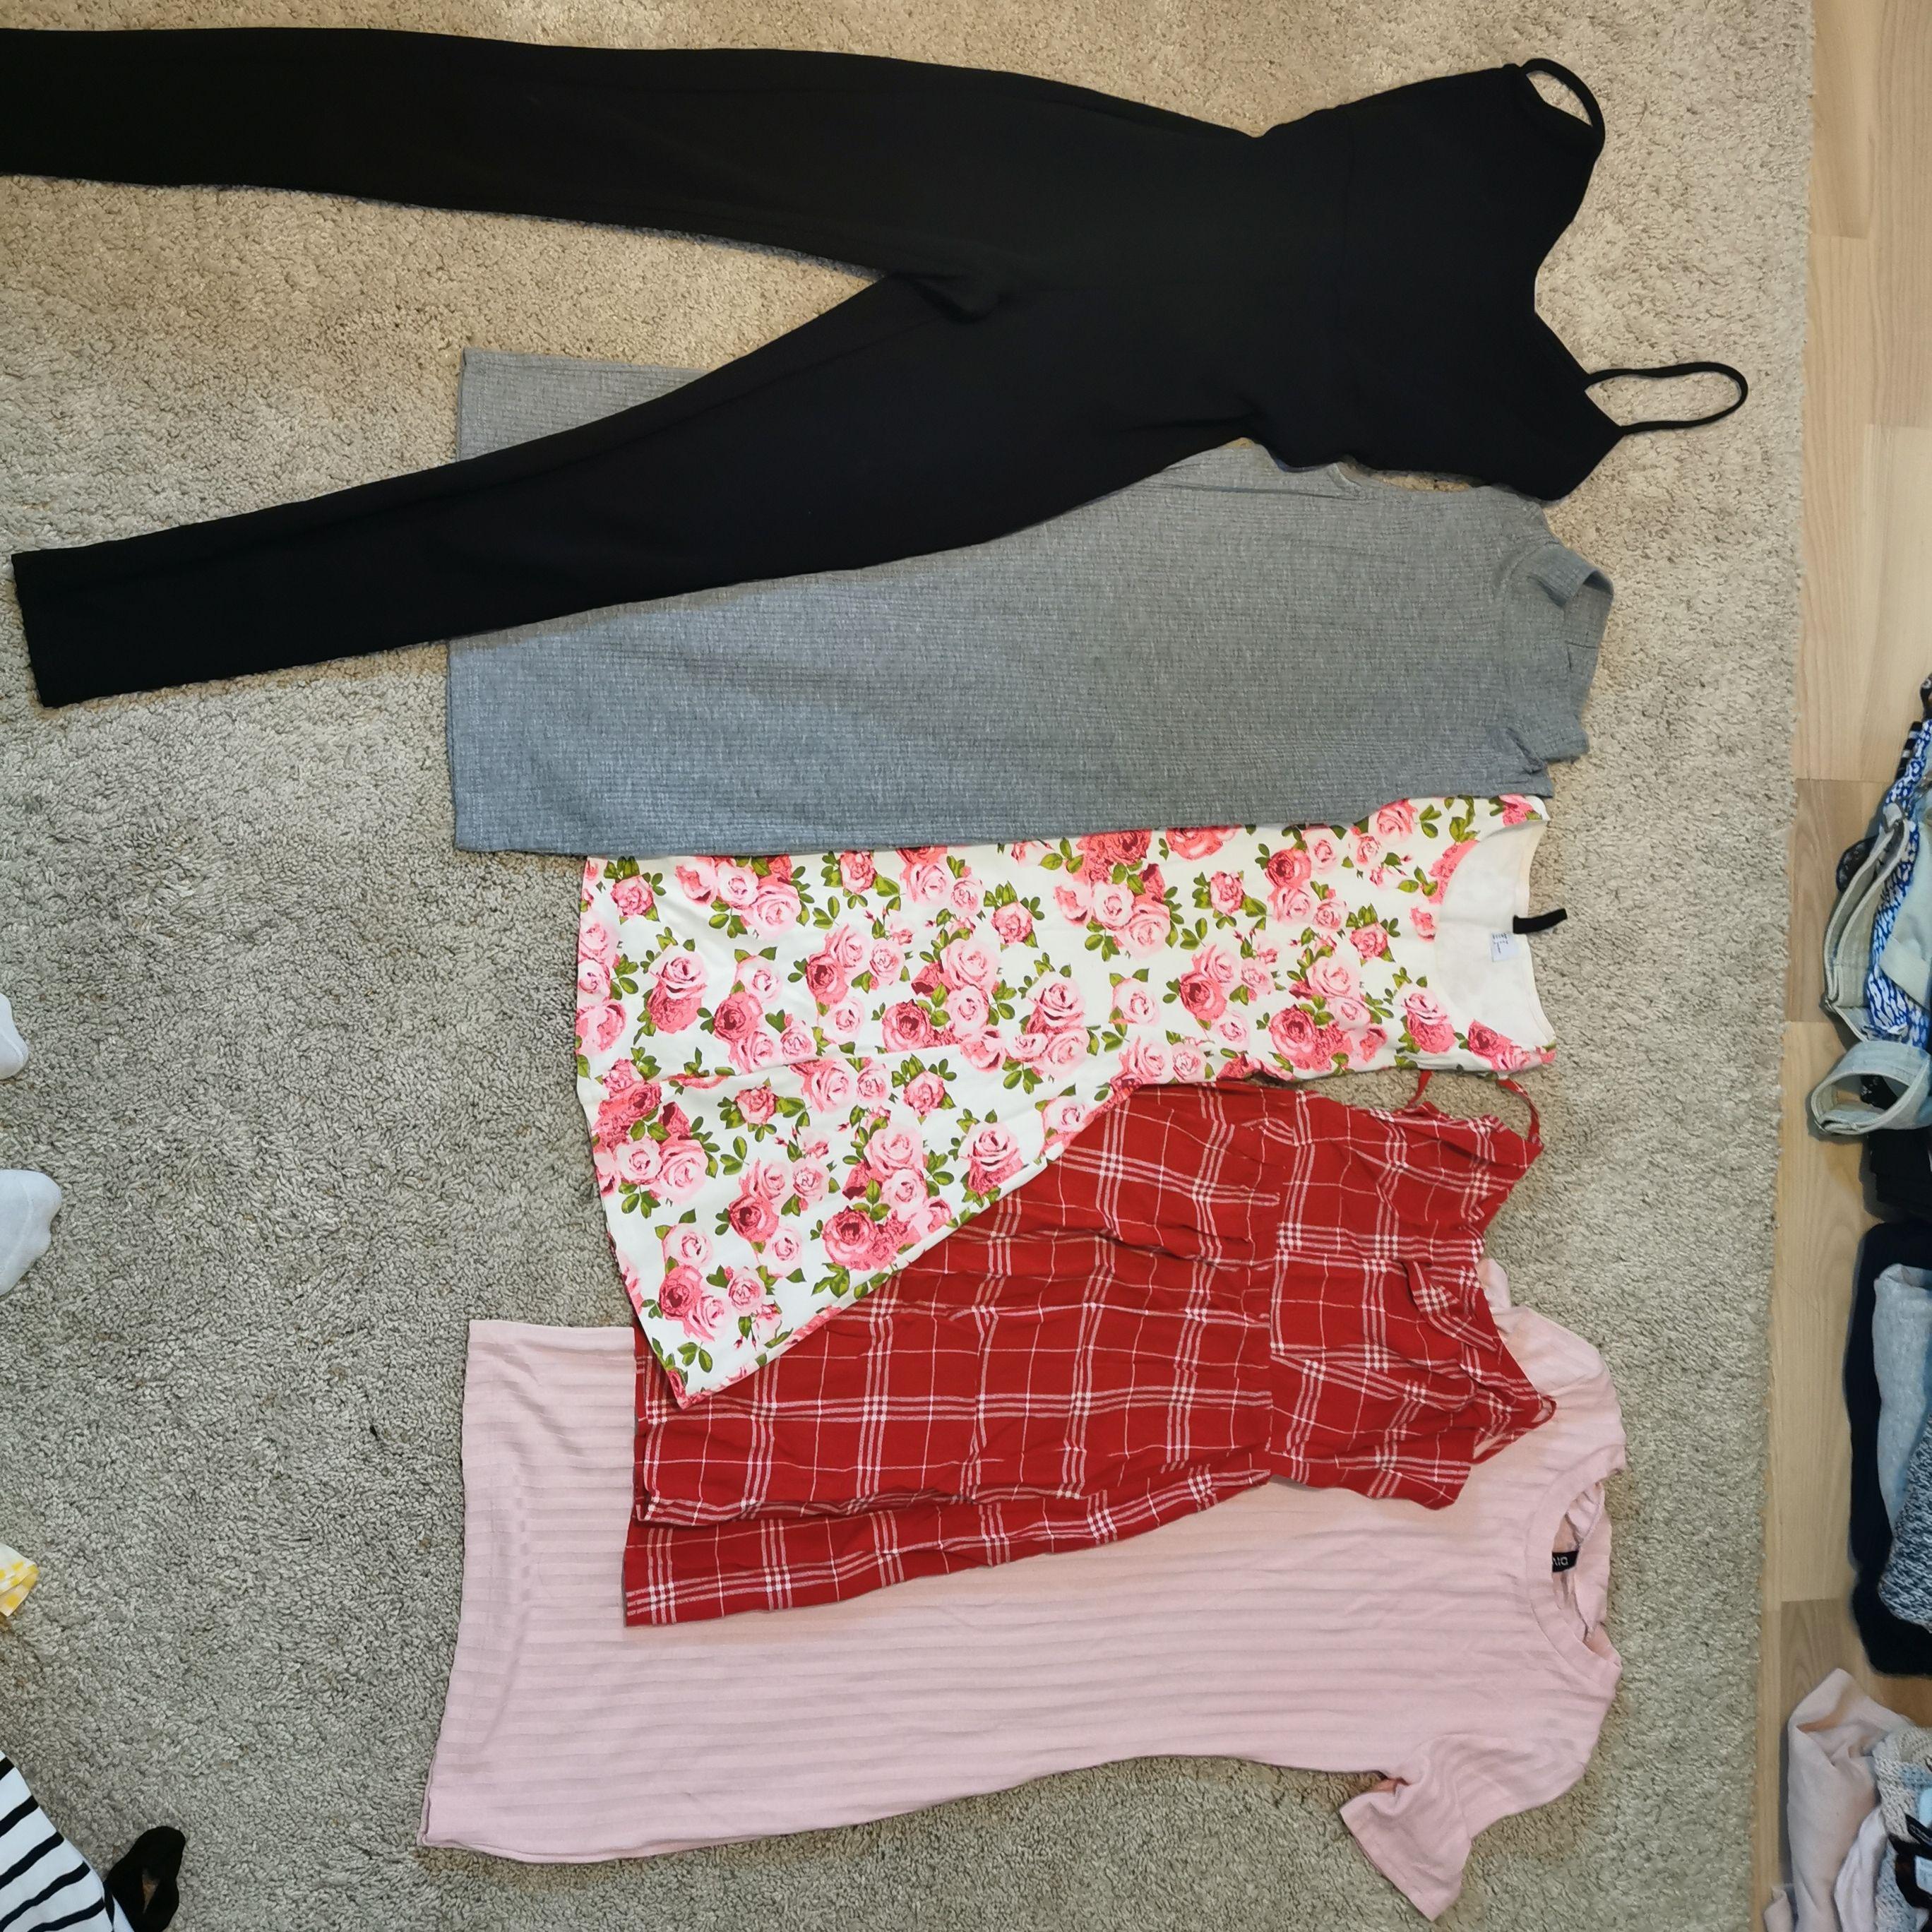 Säljer mina kläder för 10 kr st, men går såklart att köpa i paketpris, allt är i fint skick, passar bara inte mig/min stil längre :)  Sålda: Gul klänning, röd klänning. Toppar.